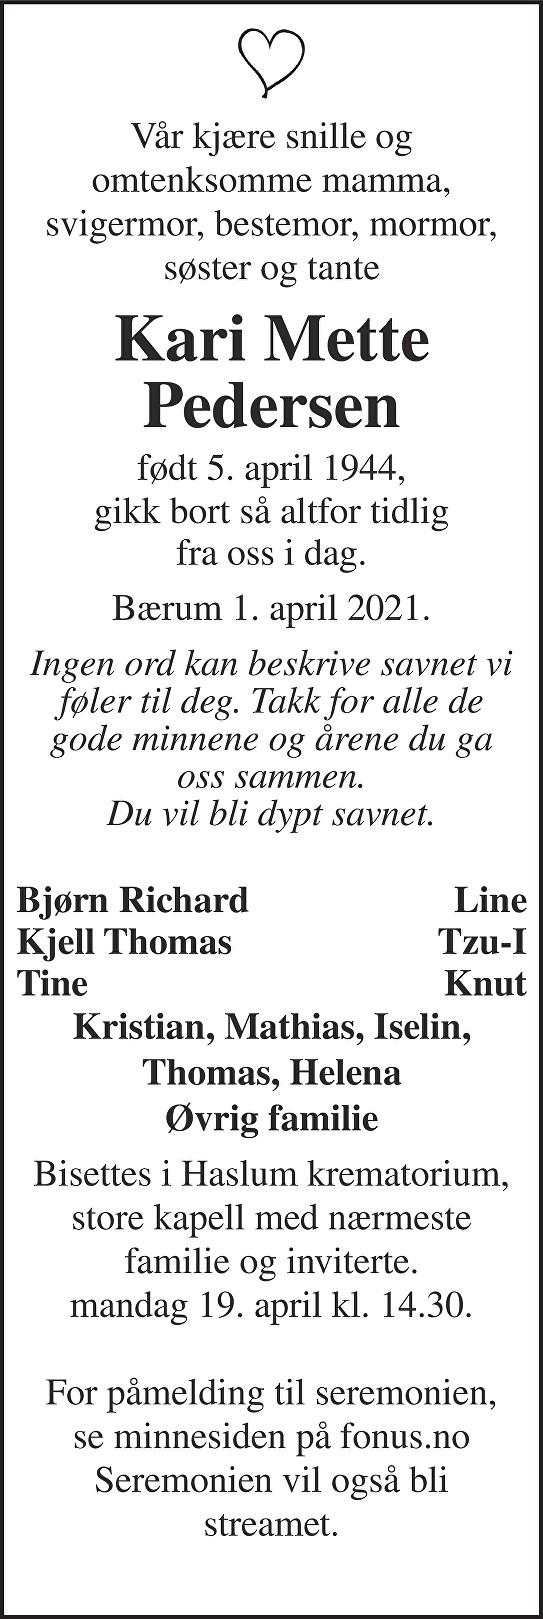 Kari Mette Pedersen Dødsannonse